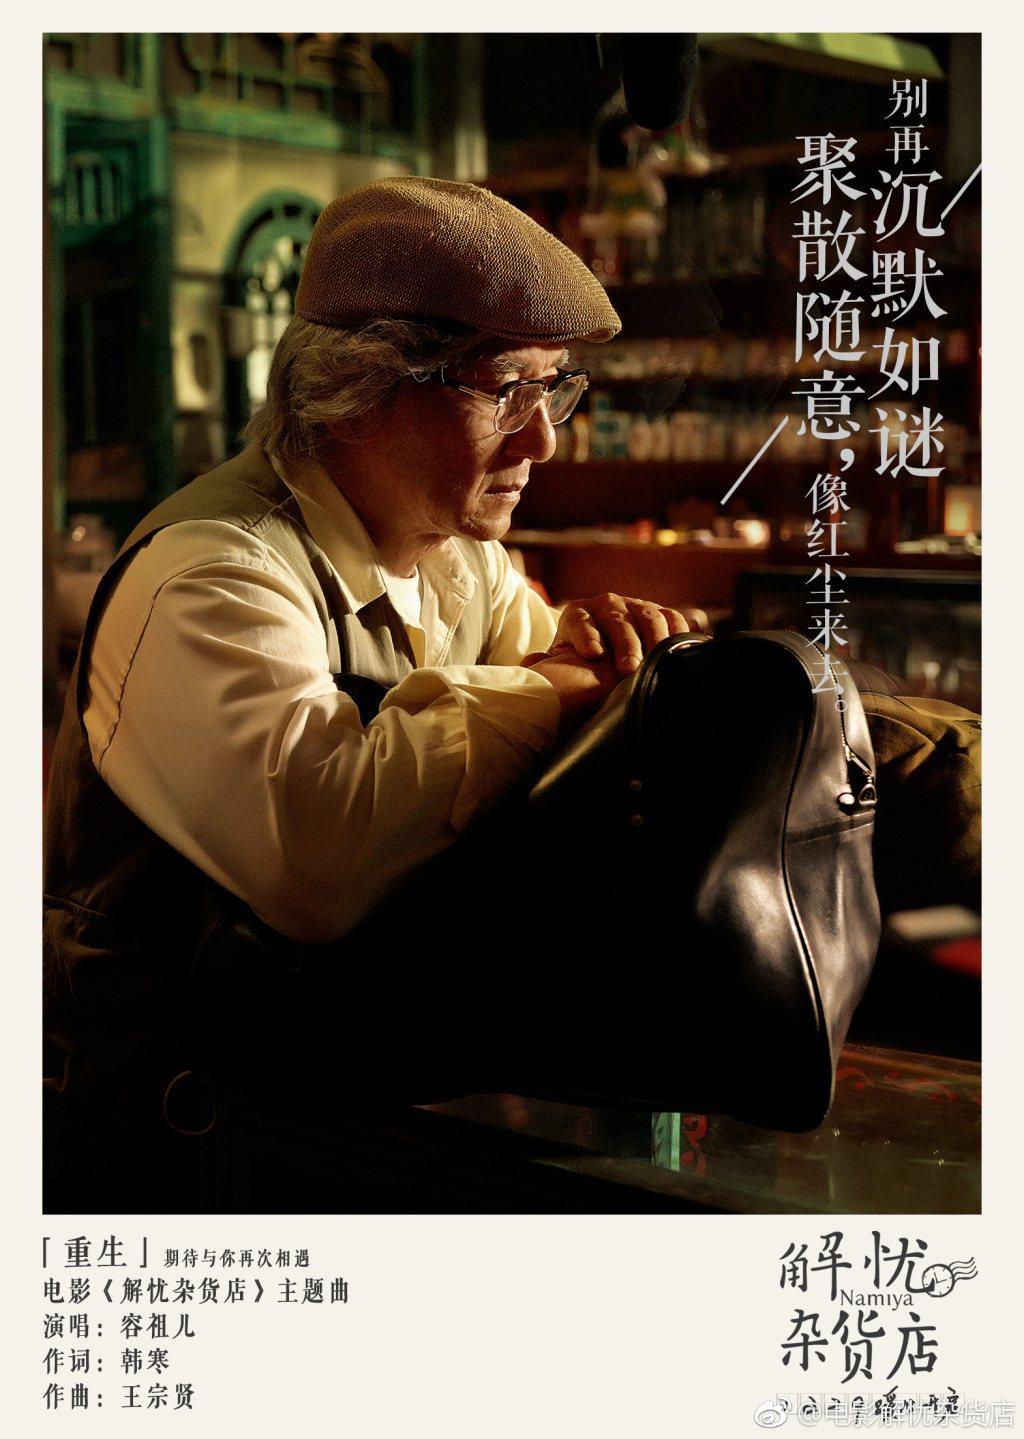 成龍化老妝演出大陸版「解憂雜貨店」老闆。圖/摘自微博